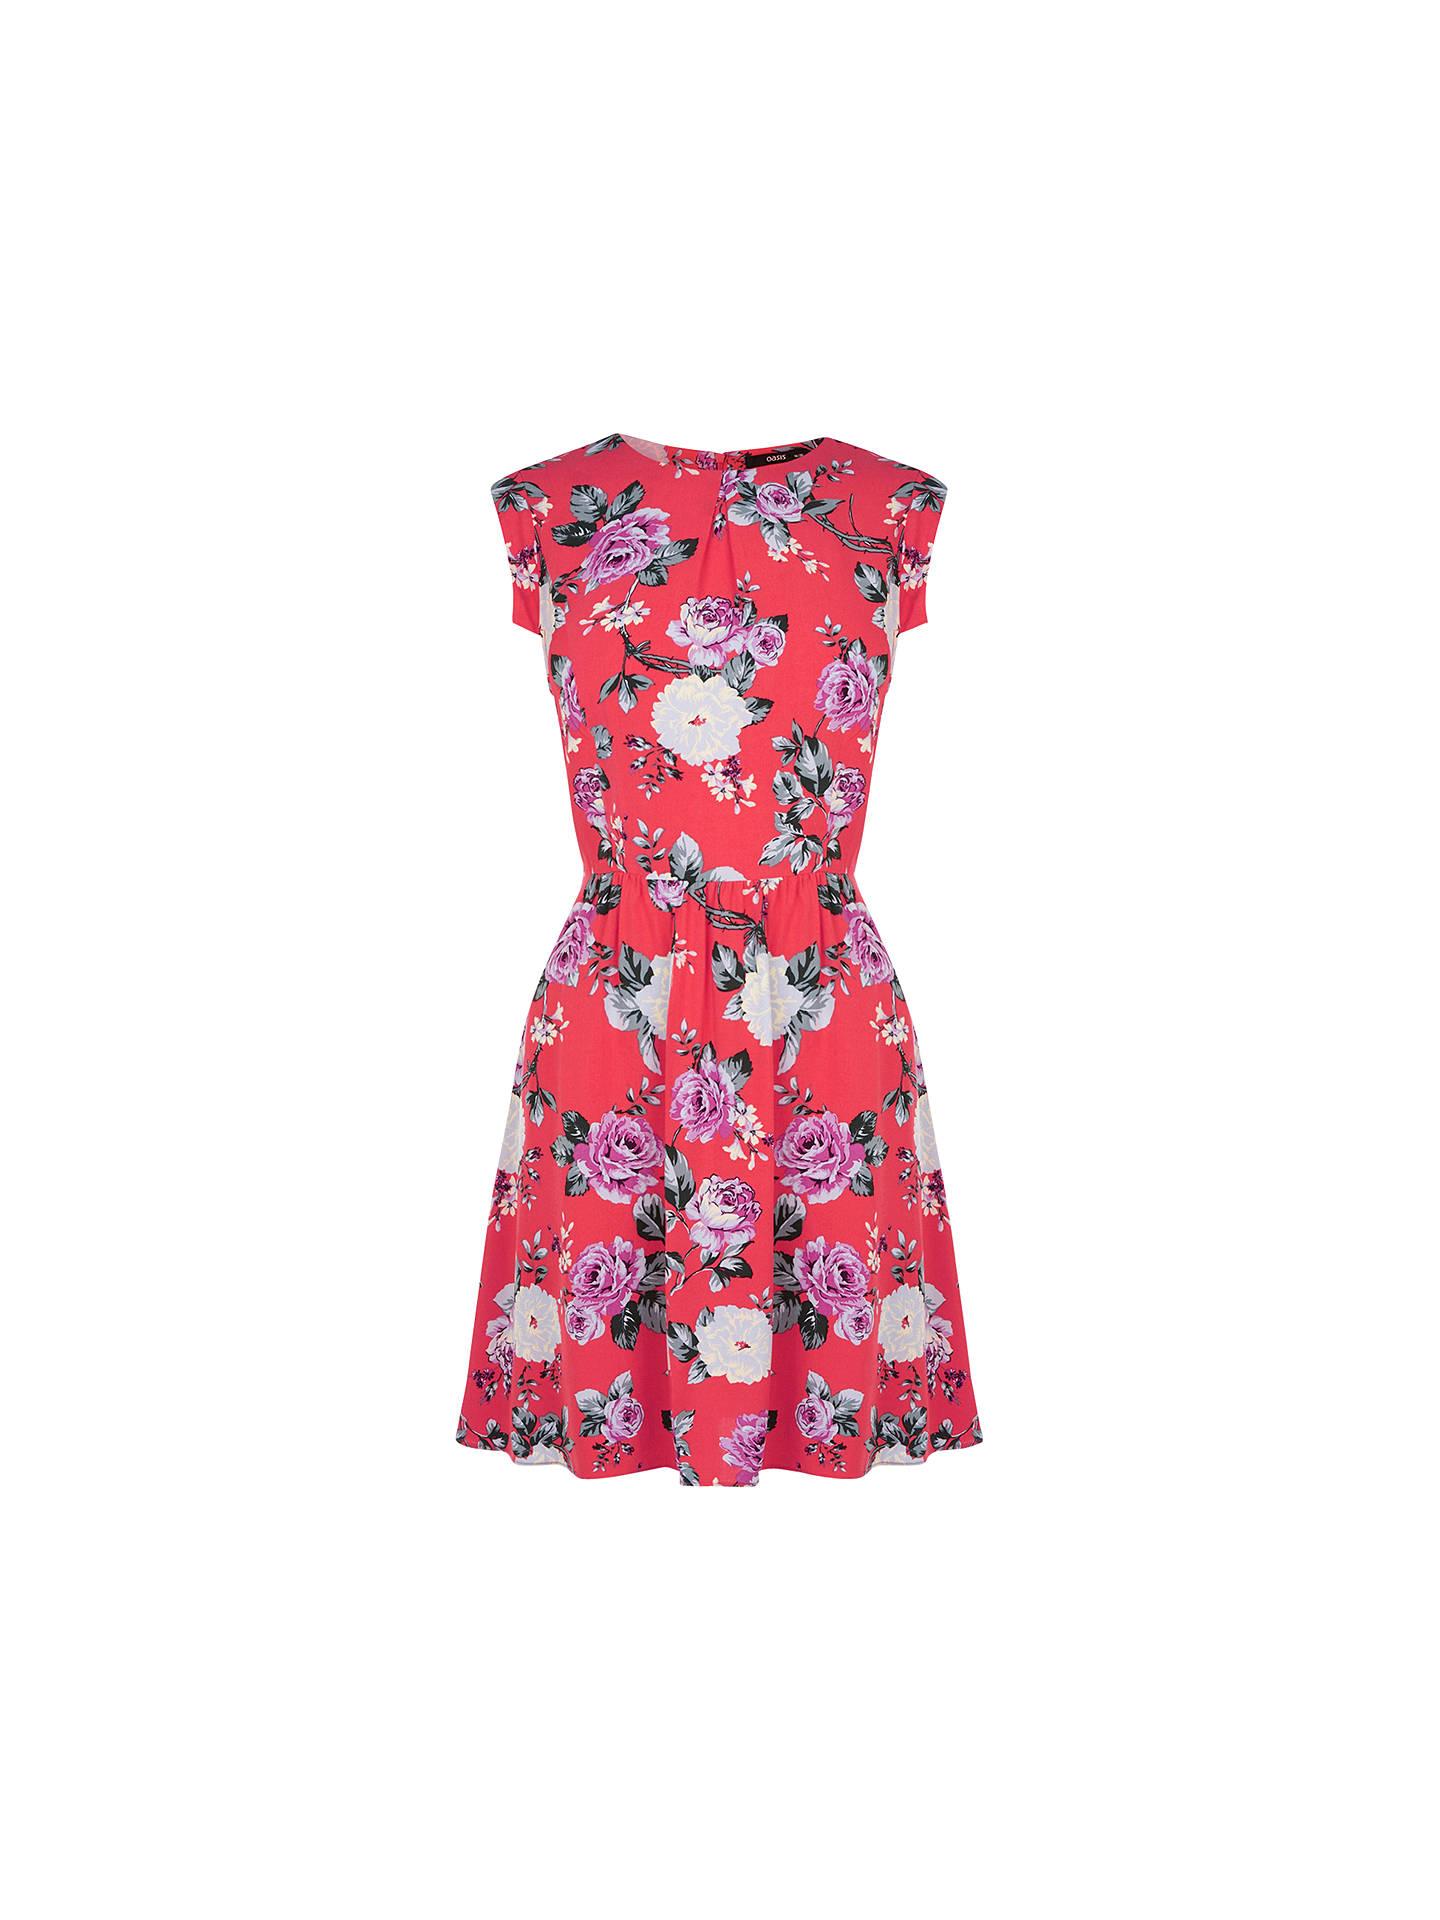 b2a13feabaf4 Buy Oasis Rose Skater Dress, Coral, 8 Online at johnlewis.com ...